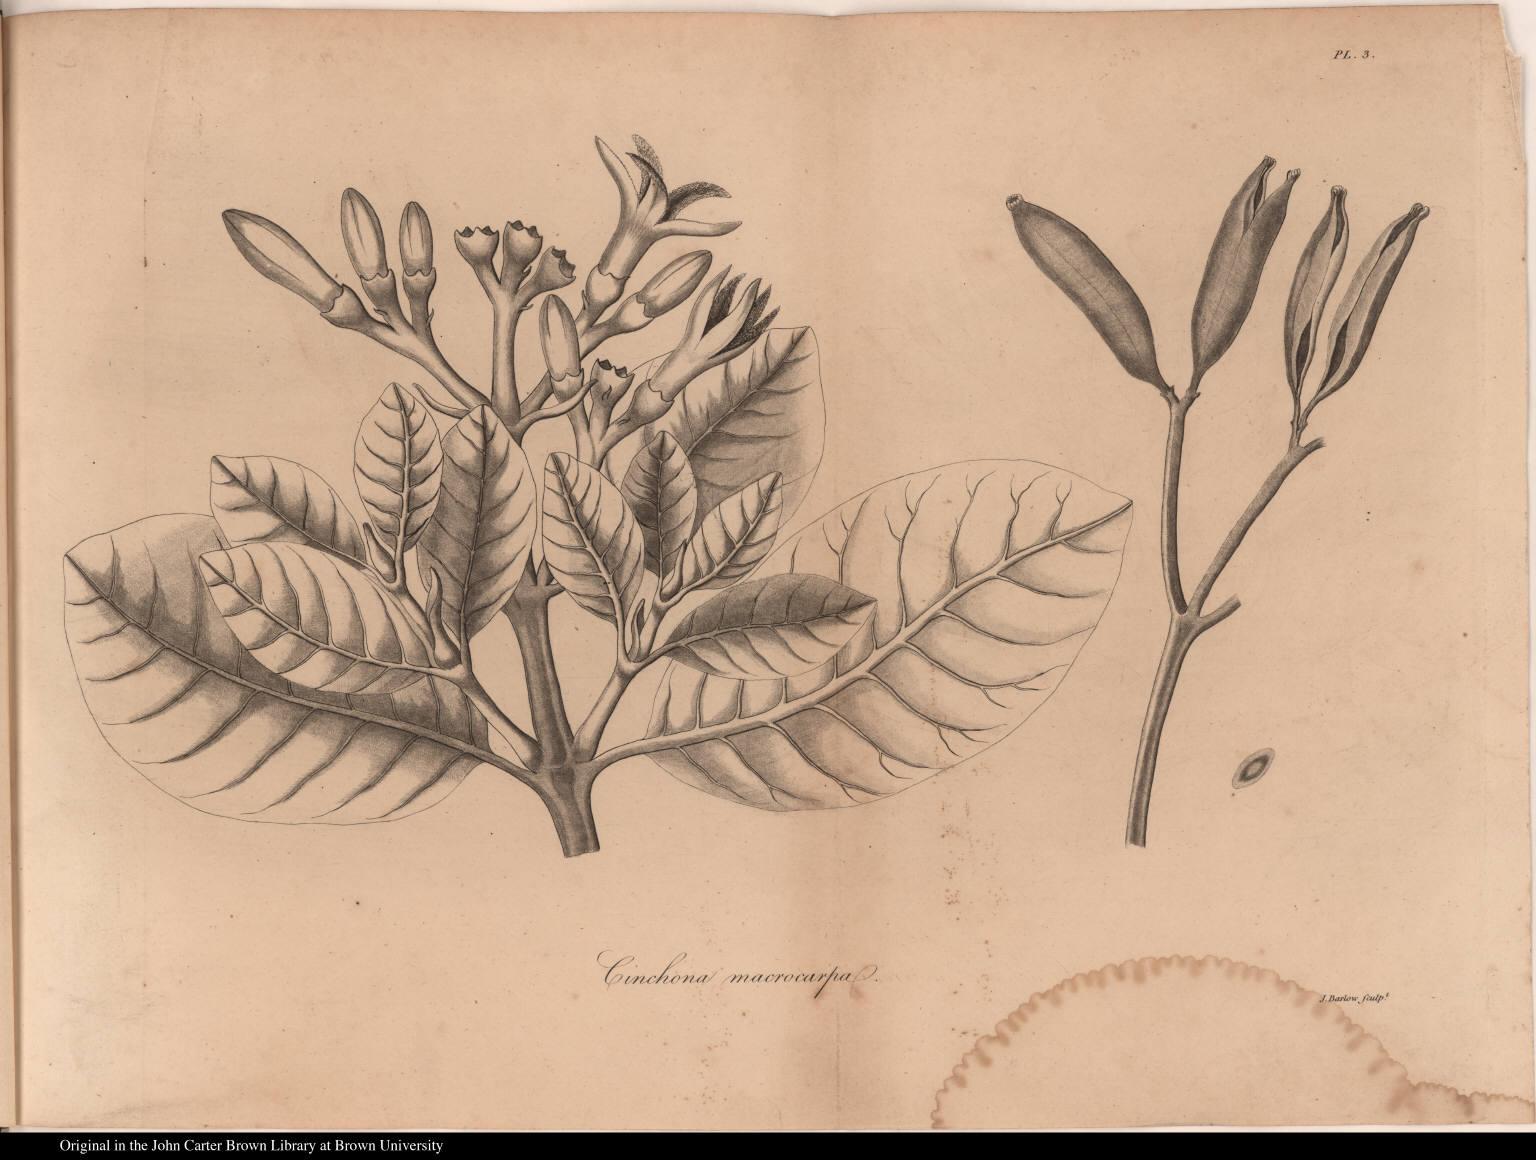 Cinchona macrocarpa.